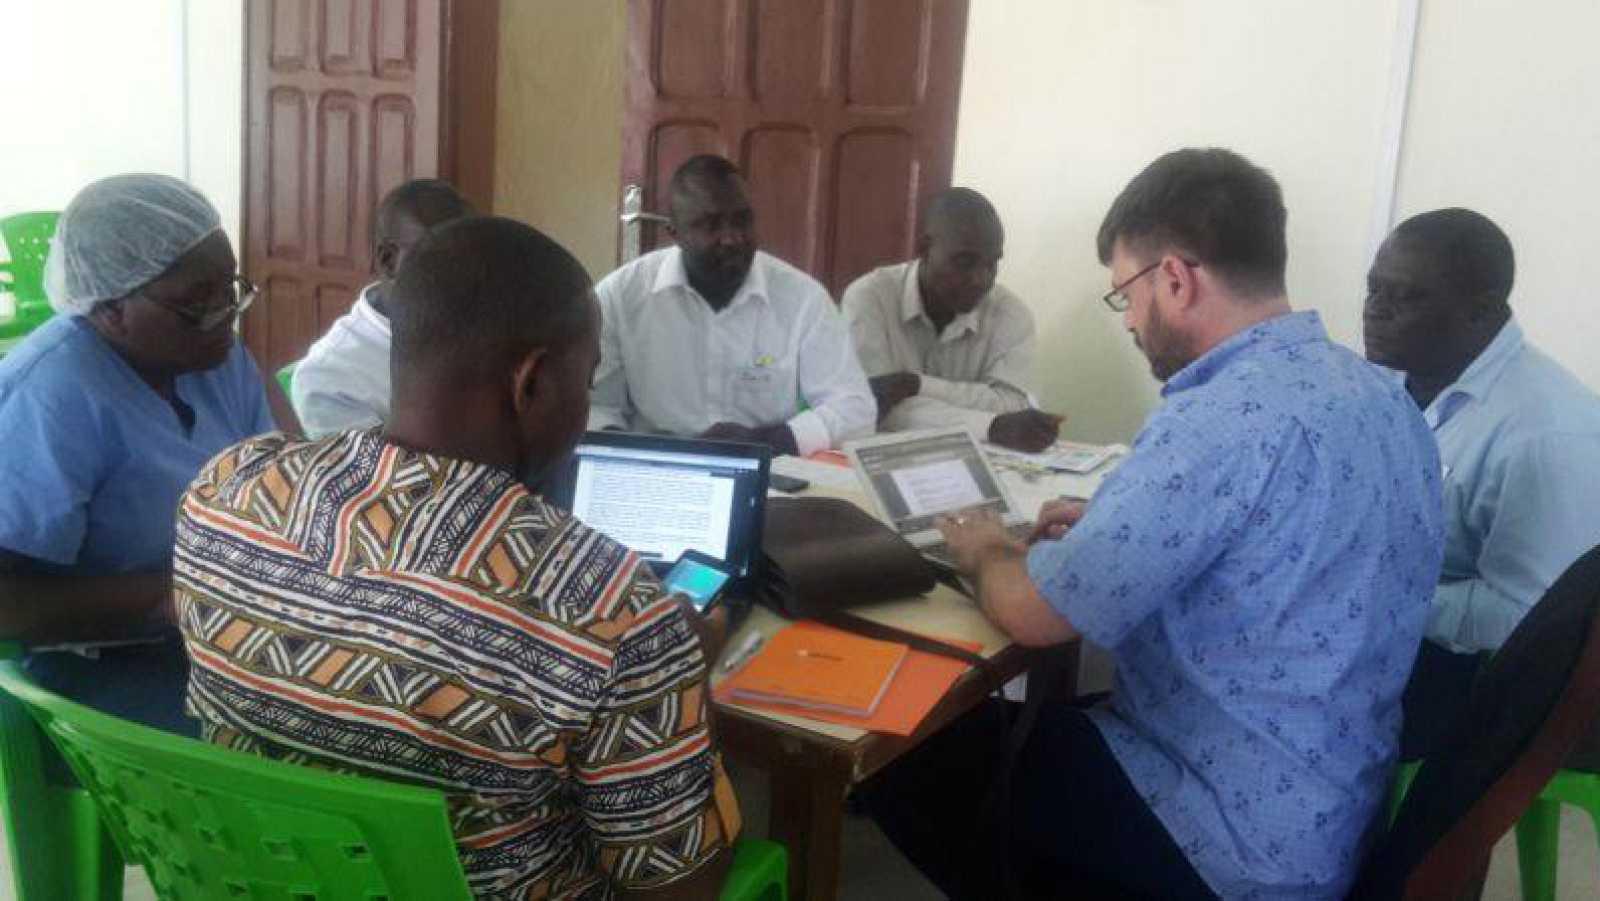 África hoy - Integrar la perspectiva de género en la investigación social y en la salud - 21/01/21